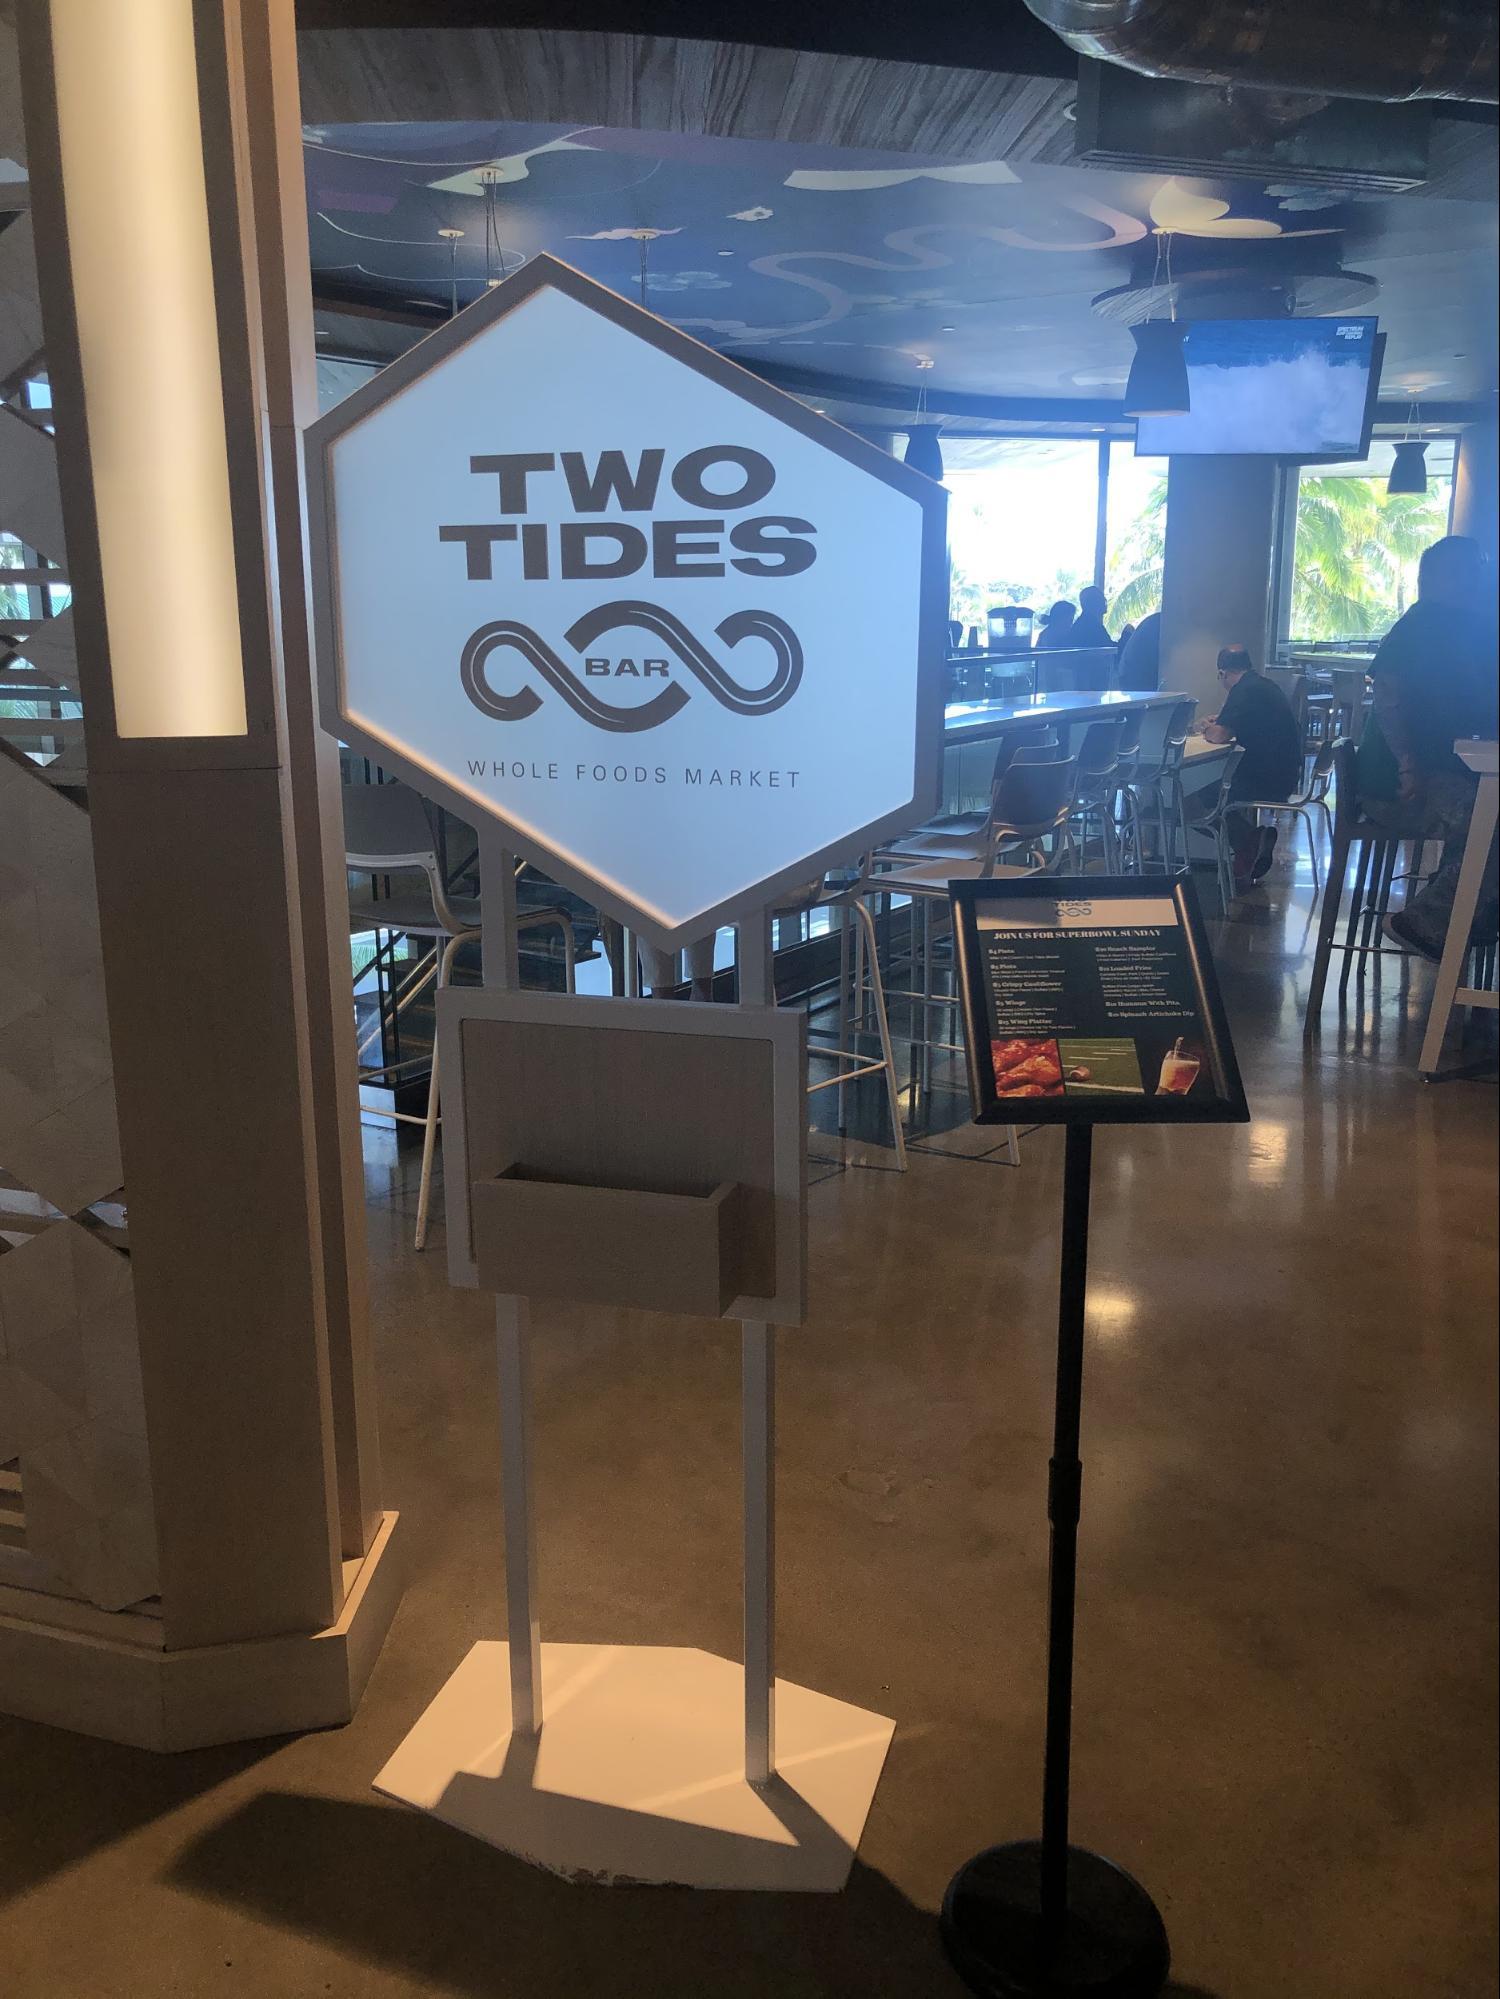 ハワイ・ホールフーズの飲食店/フードコートグルメ・Two Tidesバー(ビール)